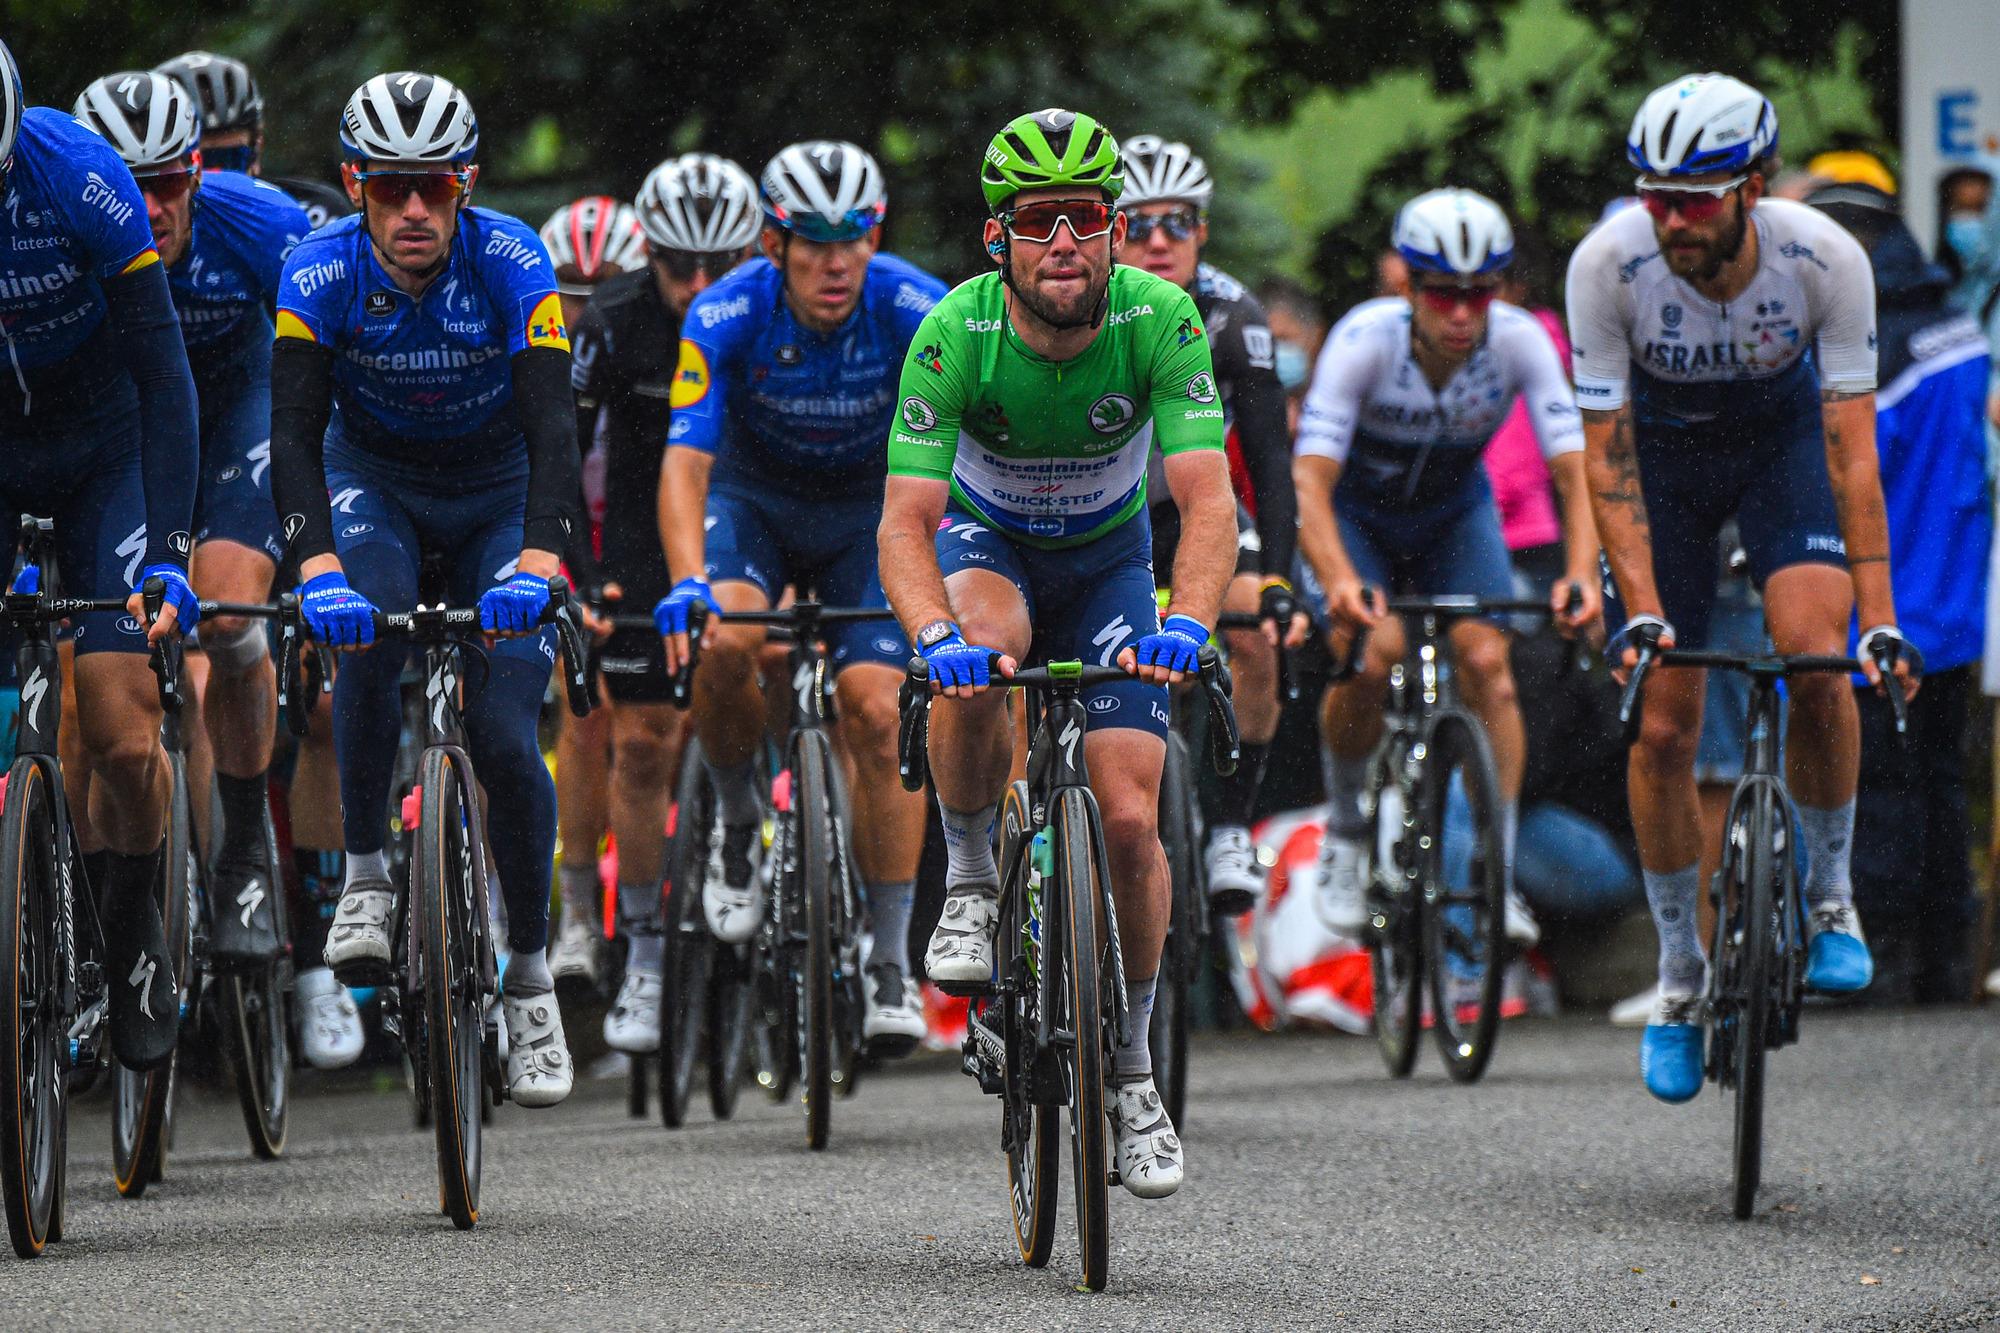 Tour de France 2021 108th Edition 16th stage El Pas de la Casa SaintGaudens 169 km 13072021 Mark Cavendish GBR Deceuninck QuickStep photo Dario BelingheriBettiniPhoto2021